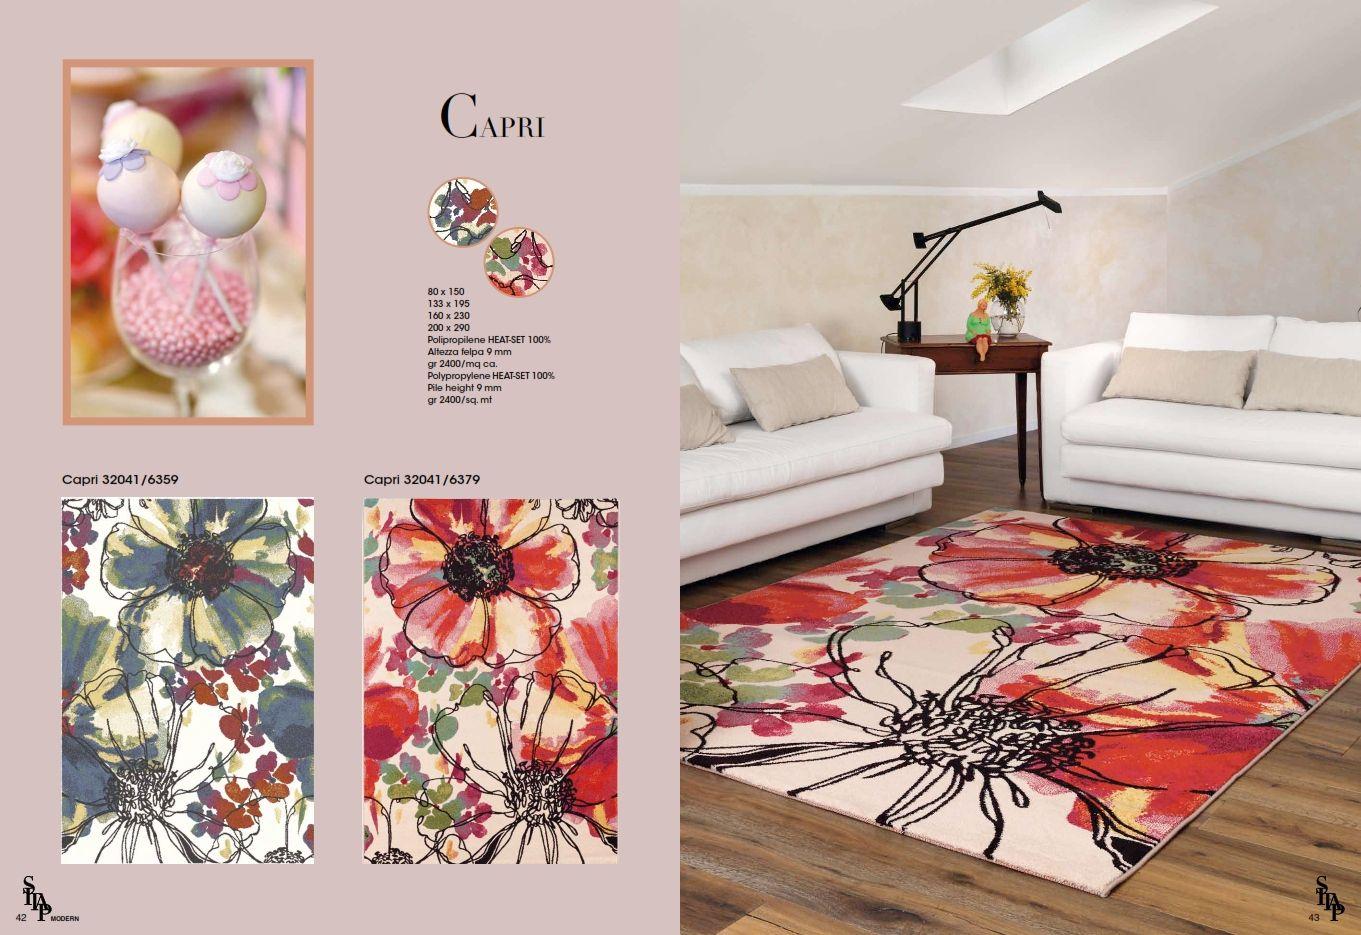 Teppiche italienische teppiche sitap serie capridie m bel aus italien - Italienische designer wandspiegel ...